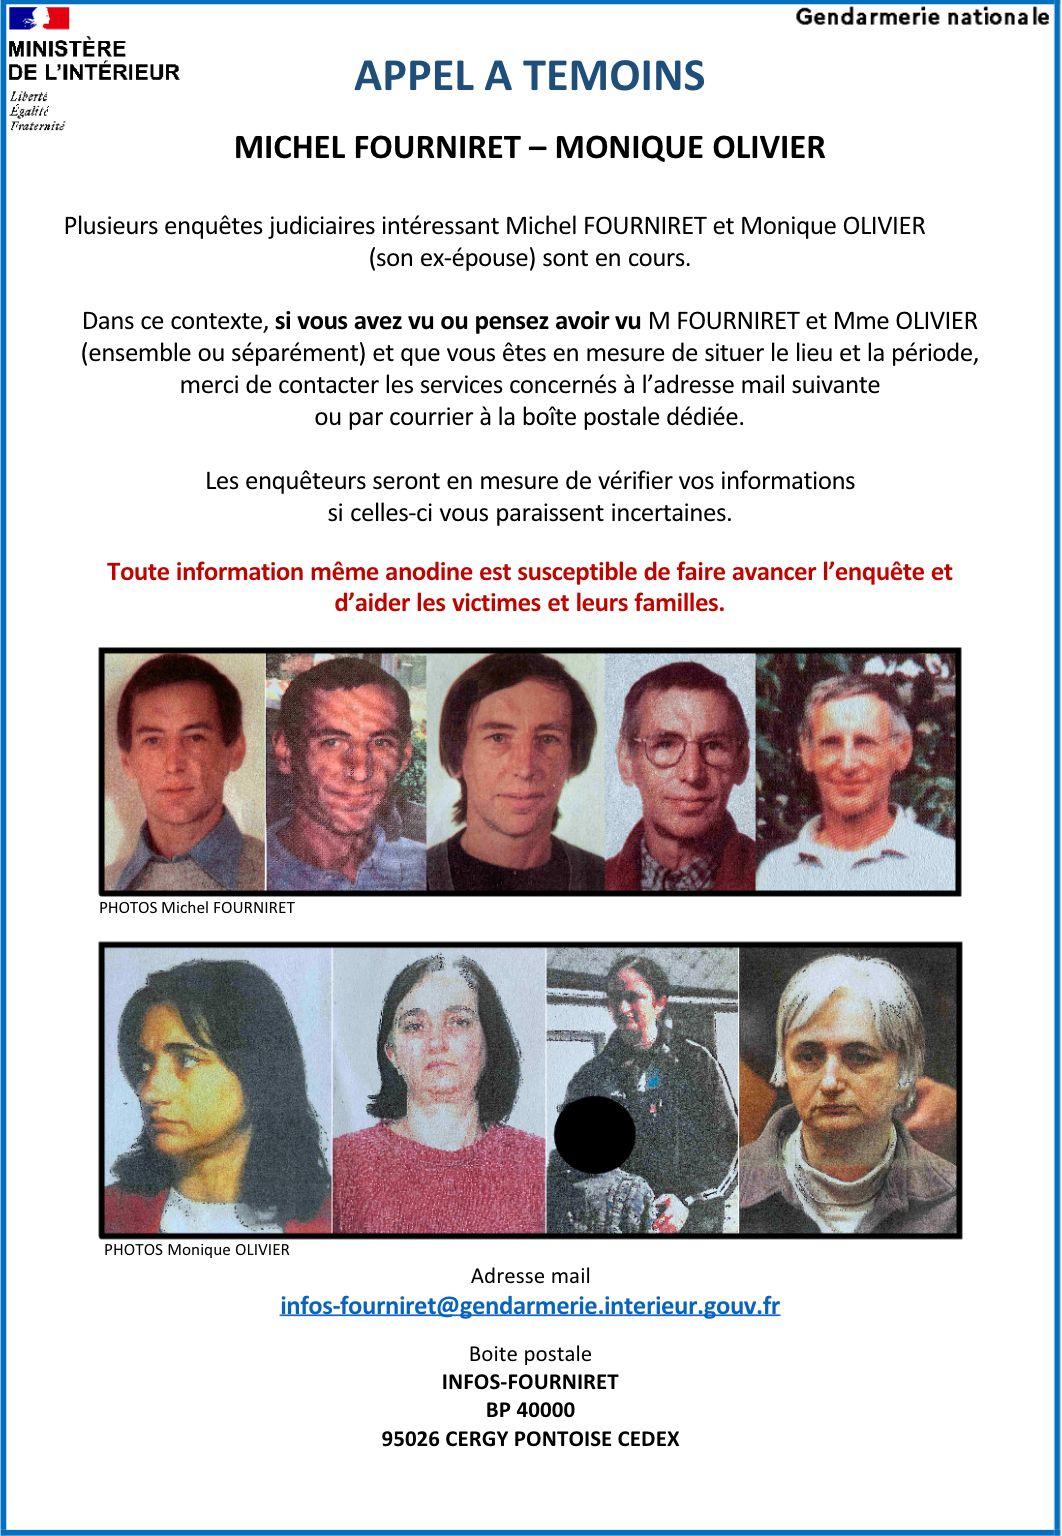 Appel à témoins diffusé le 12 novembre 2020 sur Michel Fourniret et Monique Olivier. (GENDARMERIE